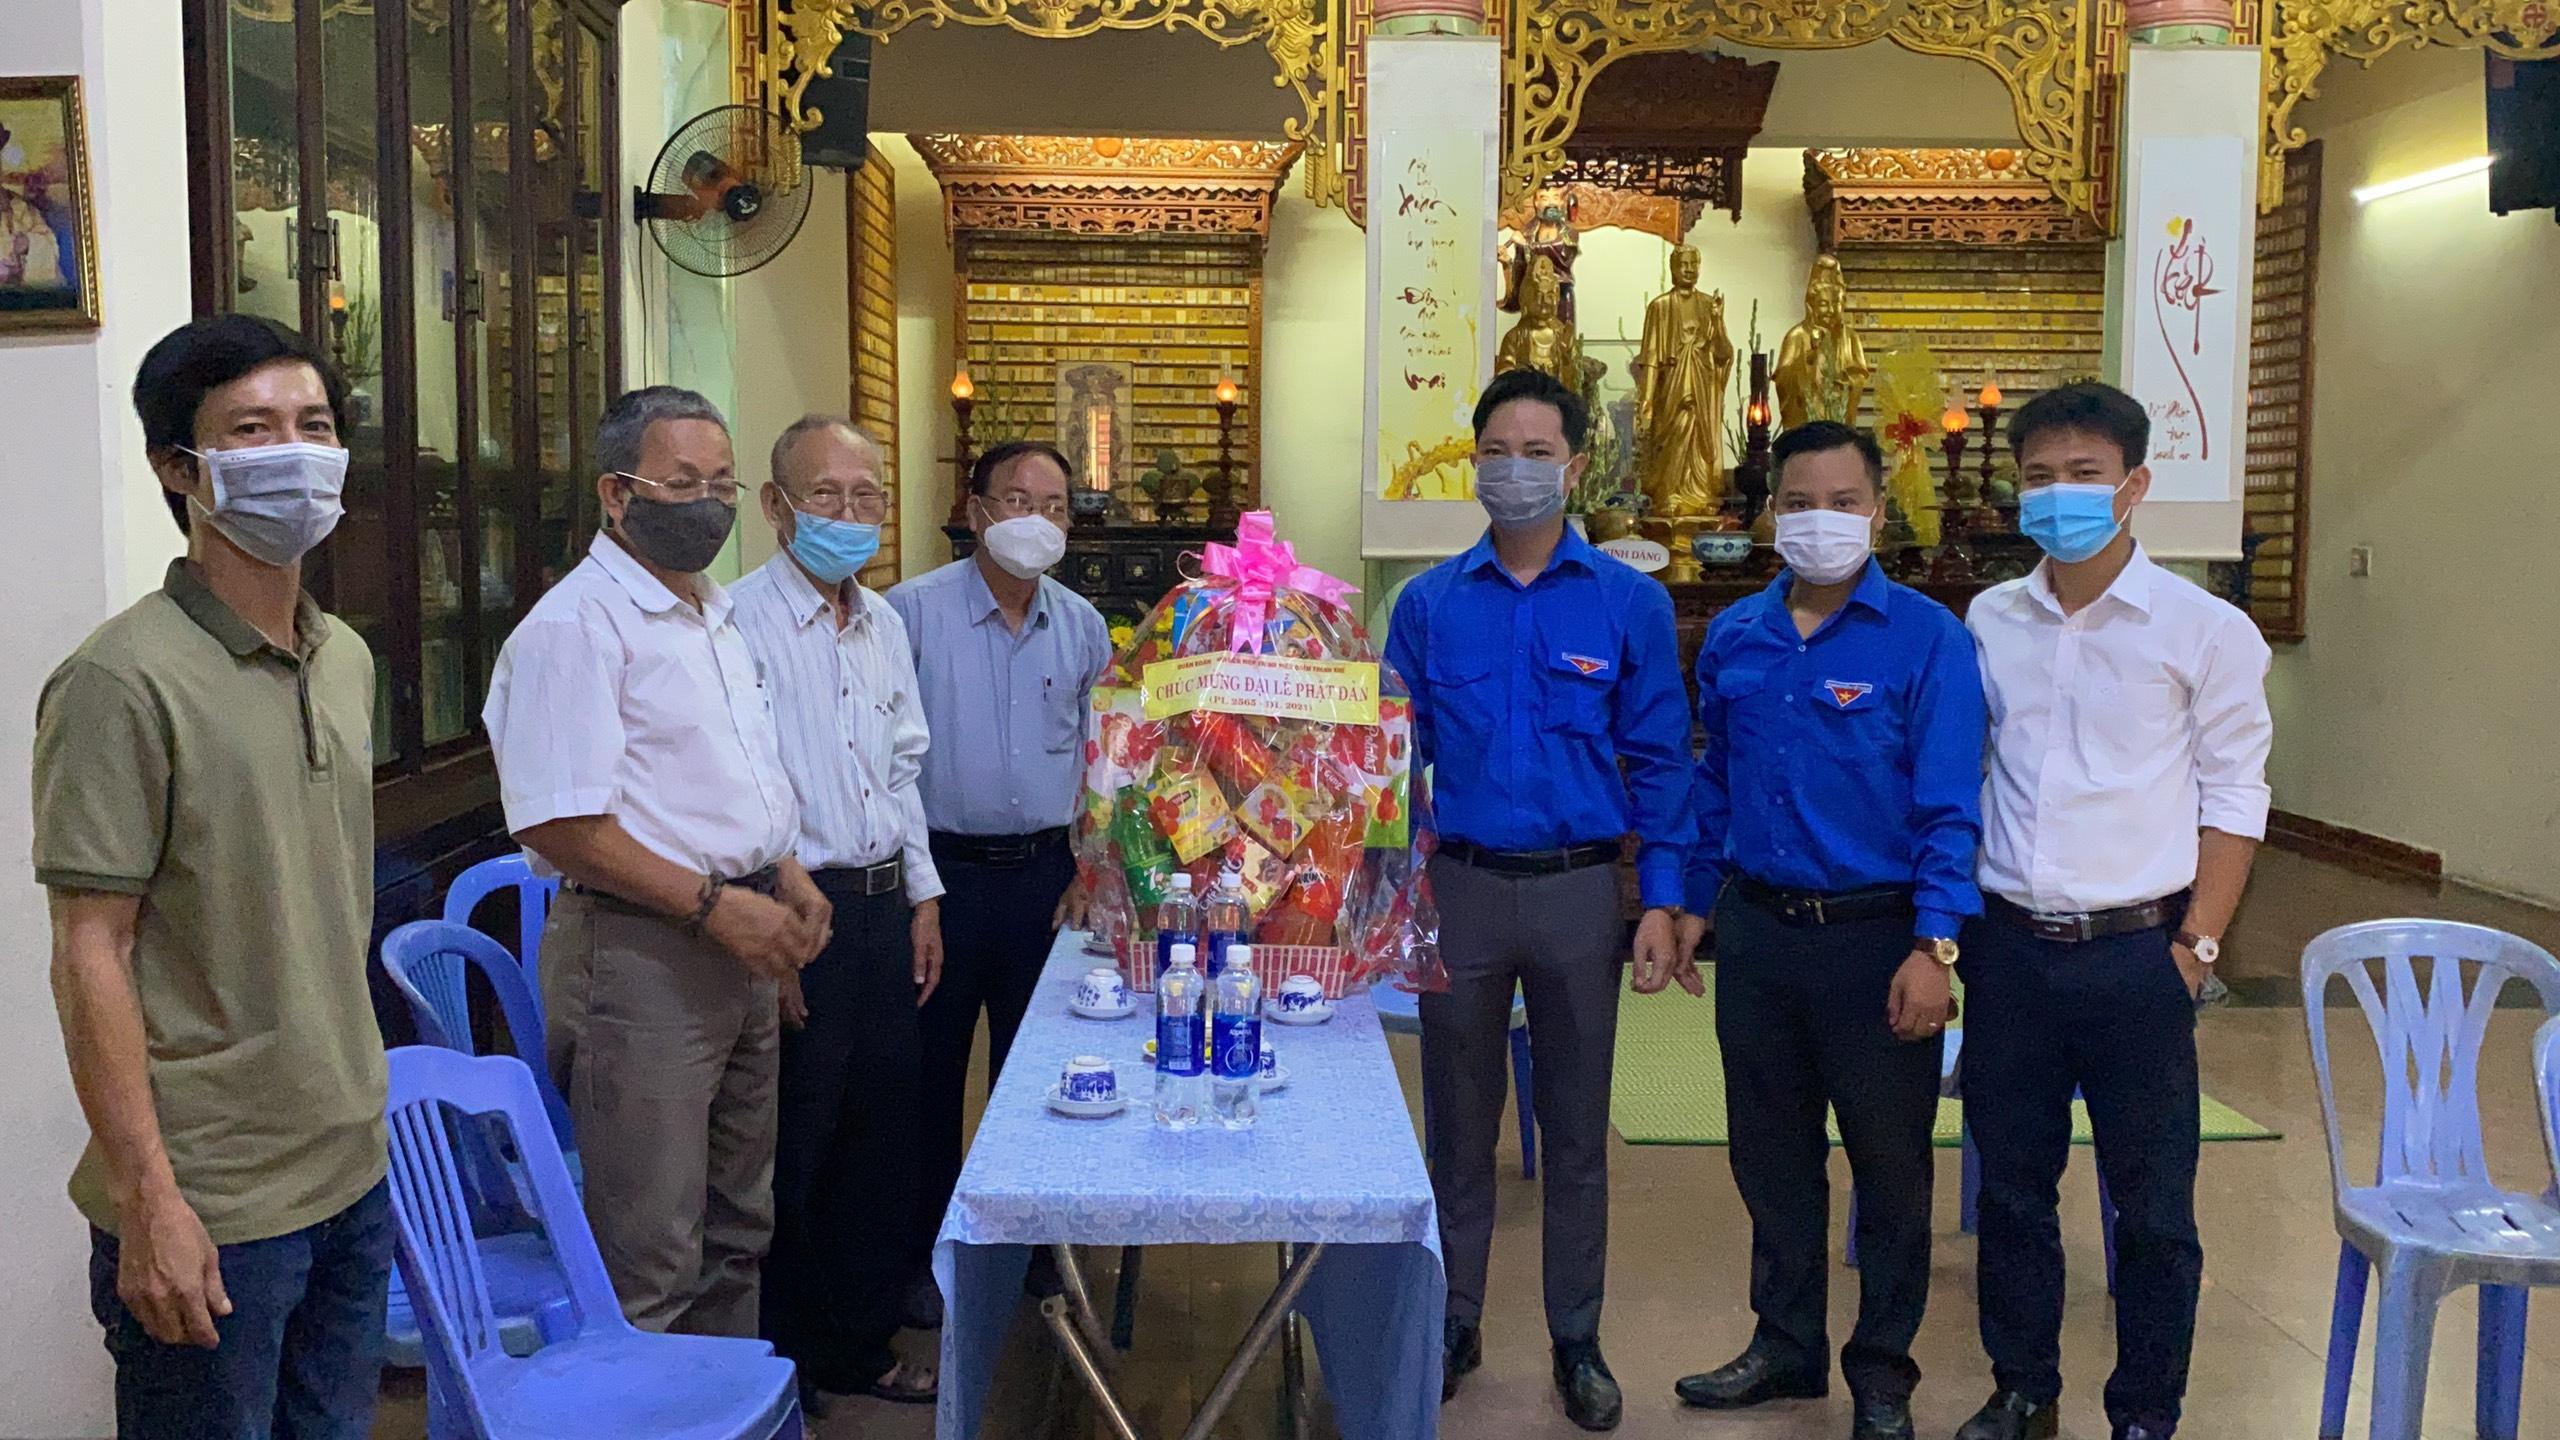 Quận Đoàn – Hội LHTN quận Thanh Khê: Chúc mừng tăng ni, phật tử nhân đại lễ Phật đản 2021 – Phật lịch 2565